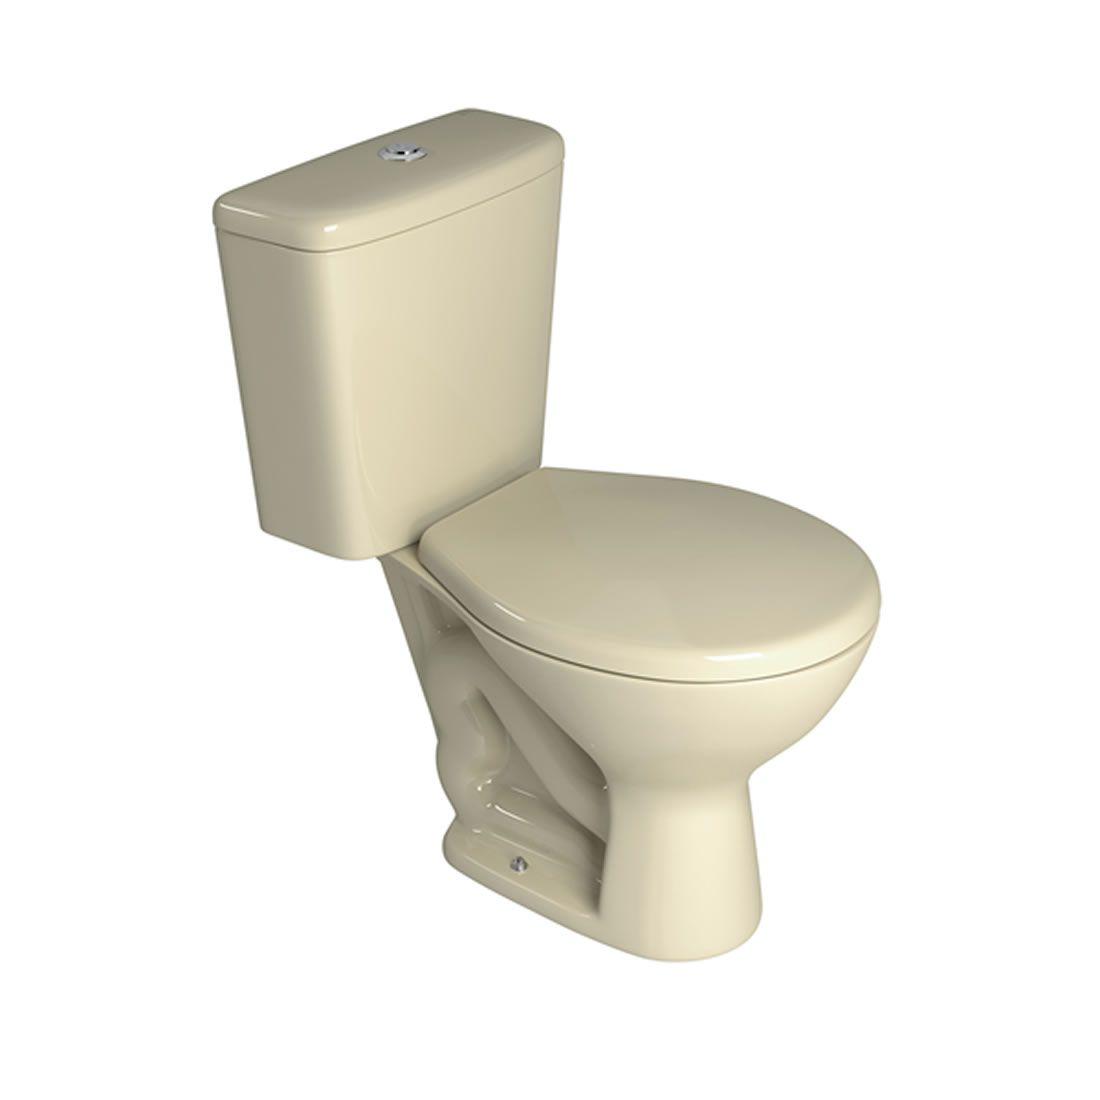 Conjunto Vaso Sanitário com Caixa Acoplada Deca Izy Creme